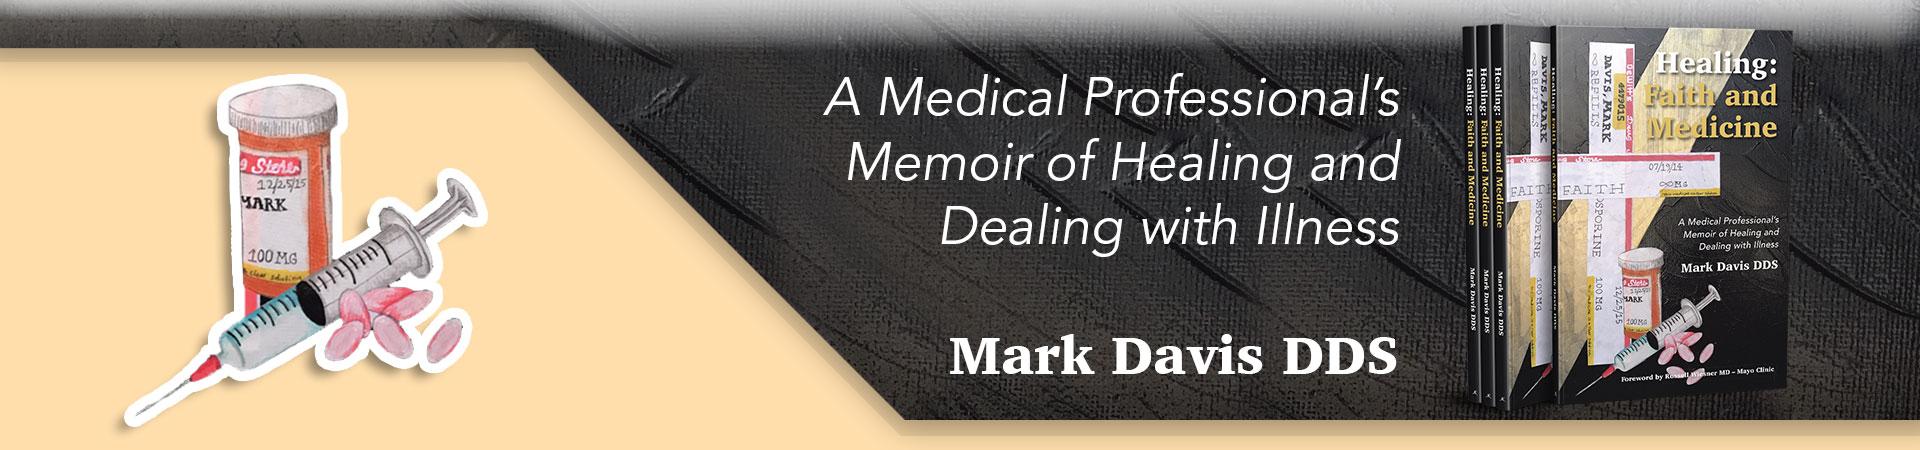 http://www.healingfaithandmedicine.com/wp-content/uploads/2017/11/Banner-B.jpg